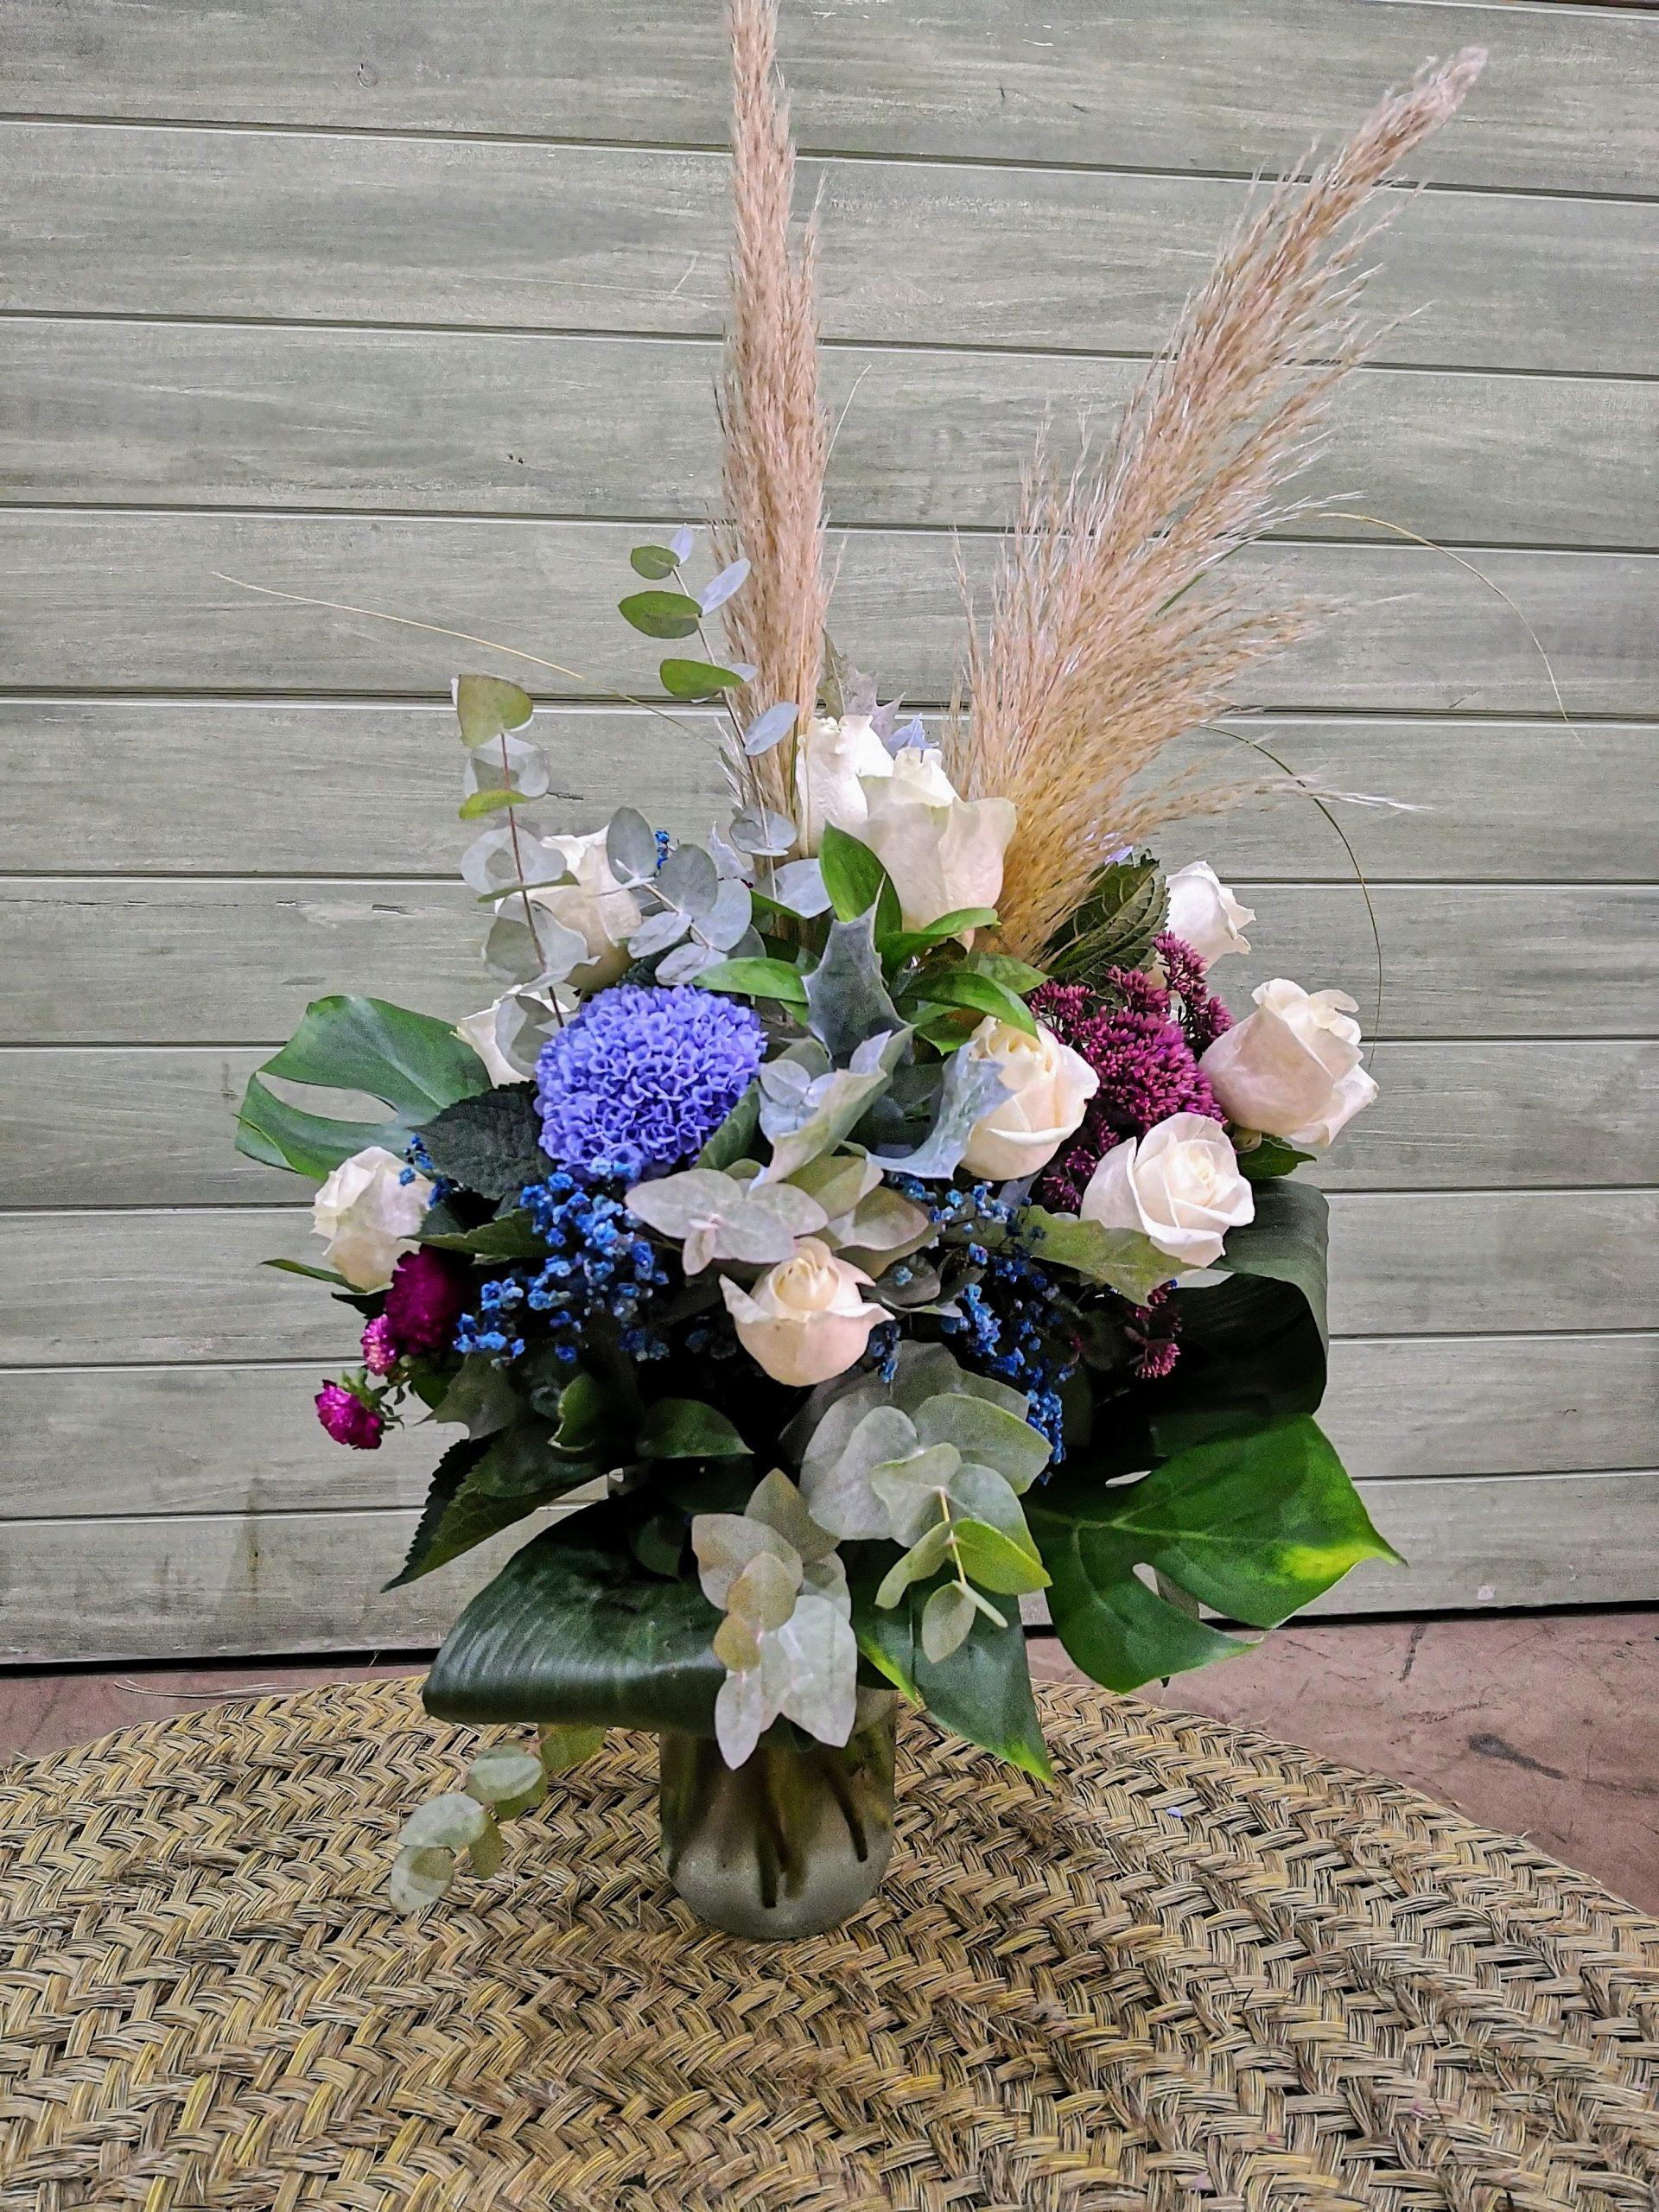 Centro de flores azul, blanca y burdeos